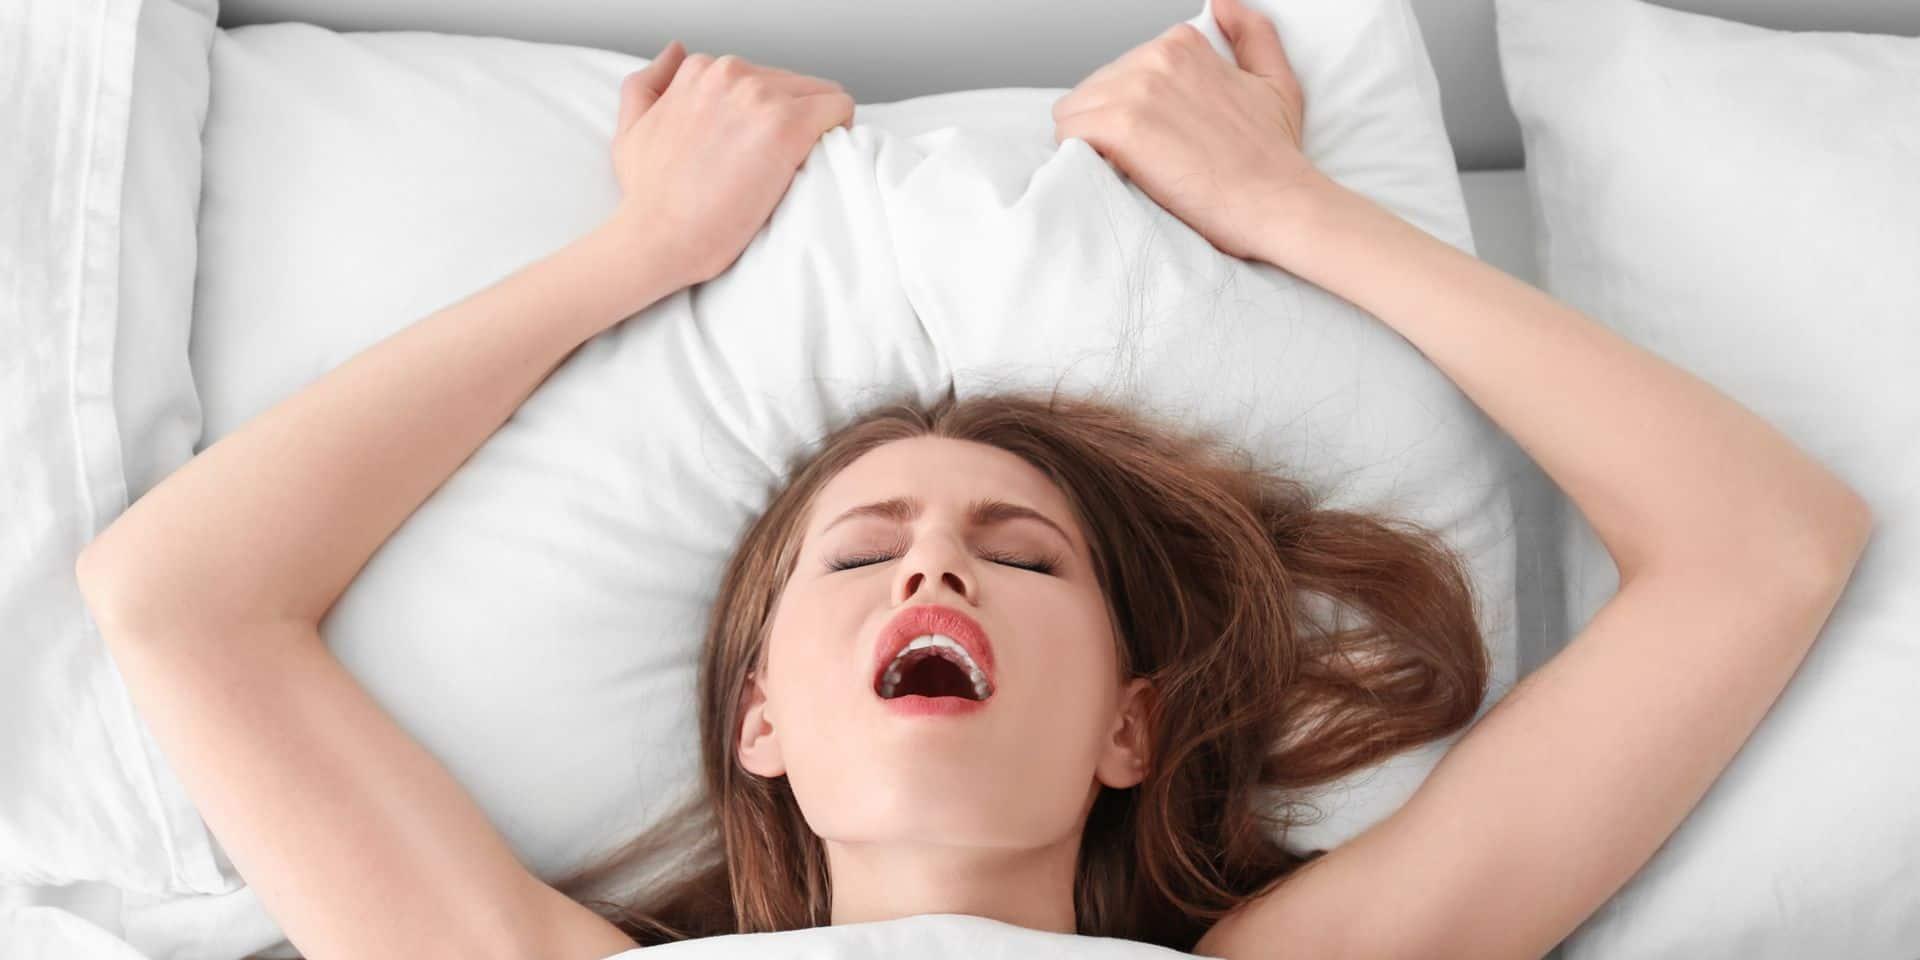 L'orgasme pas systématiquement atteint? Pas de panique, c'est normal!